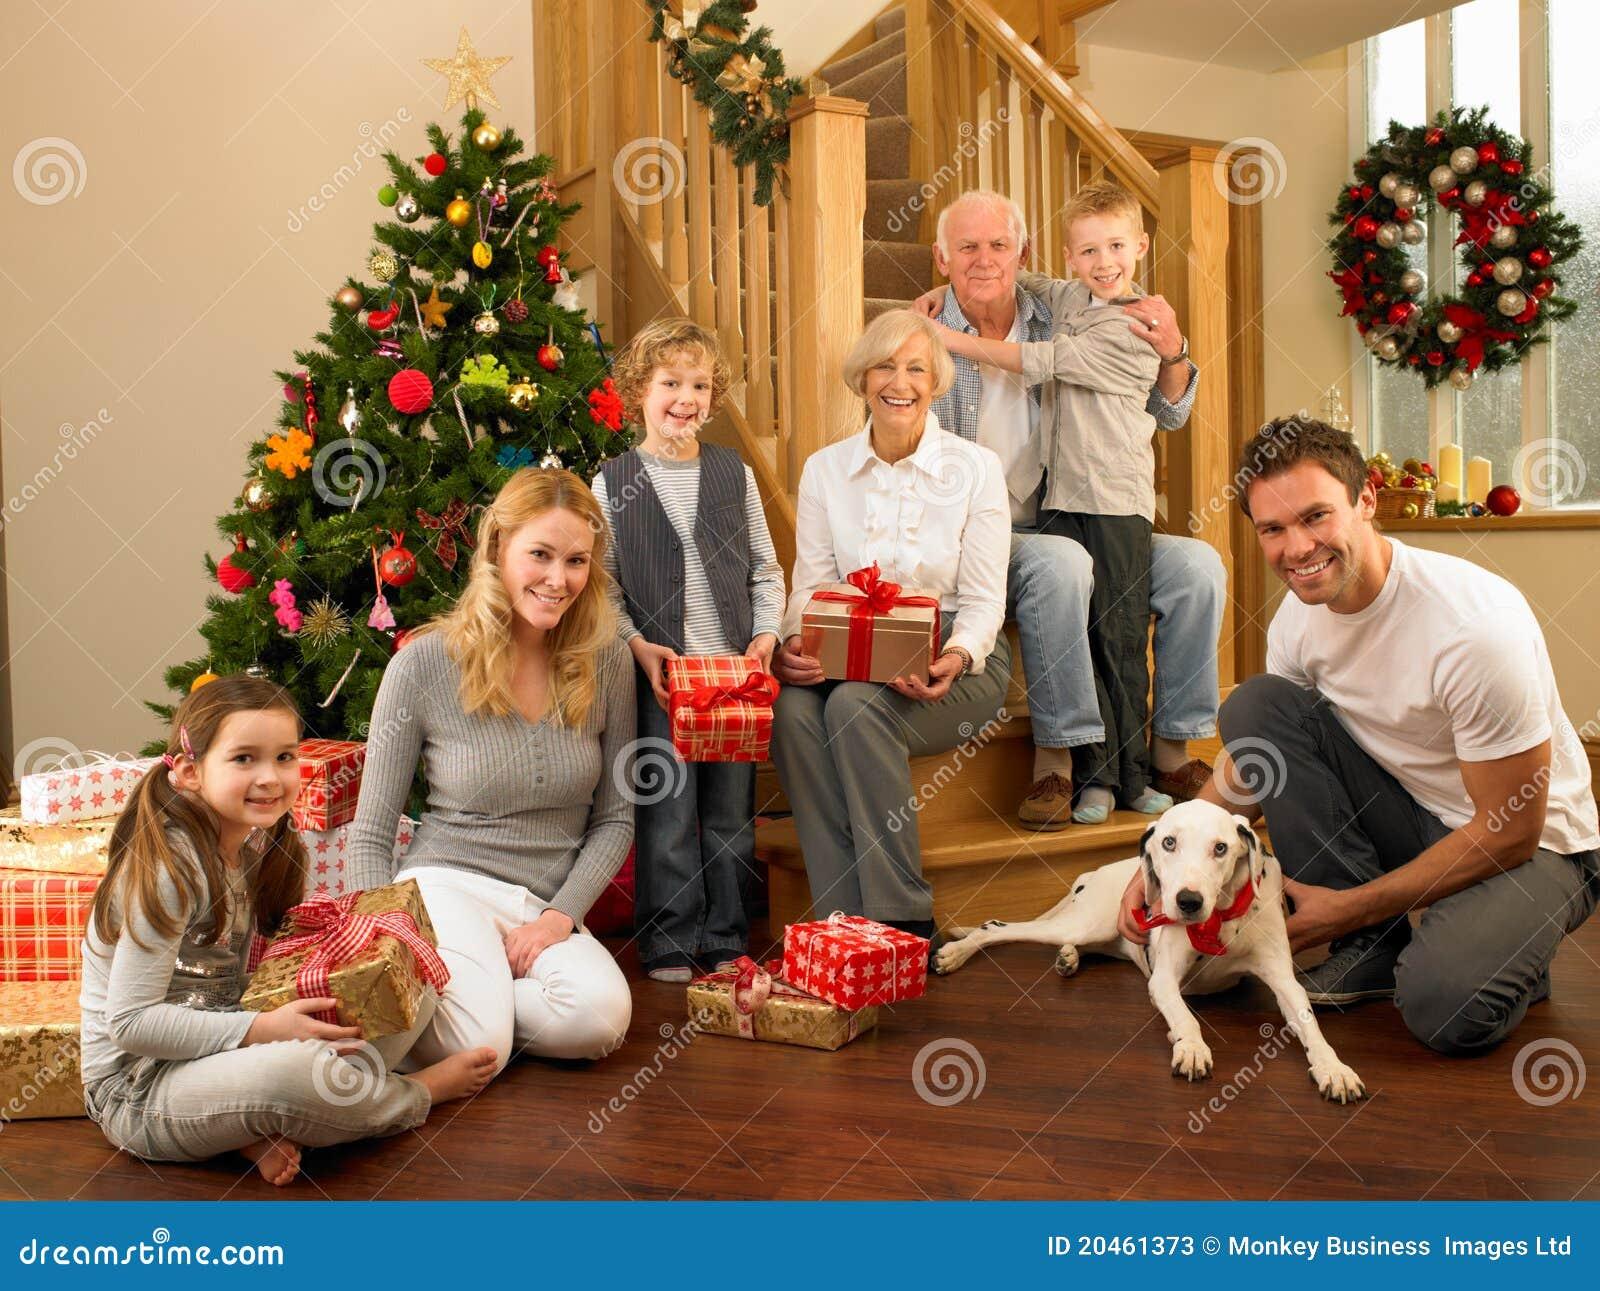 Foto Di Natale Famiglia.Famiglia Con I Regali Davanti All Albero Di Natale Immagine